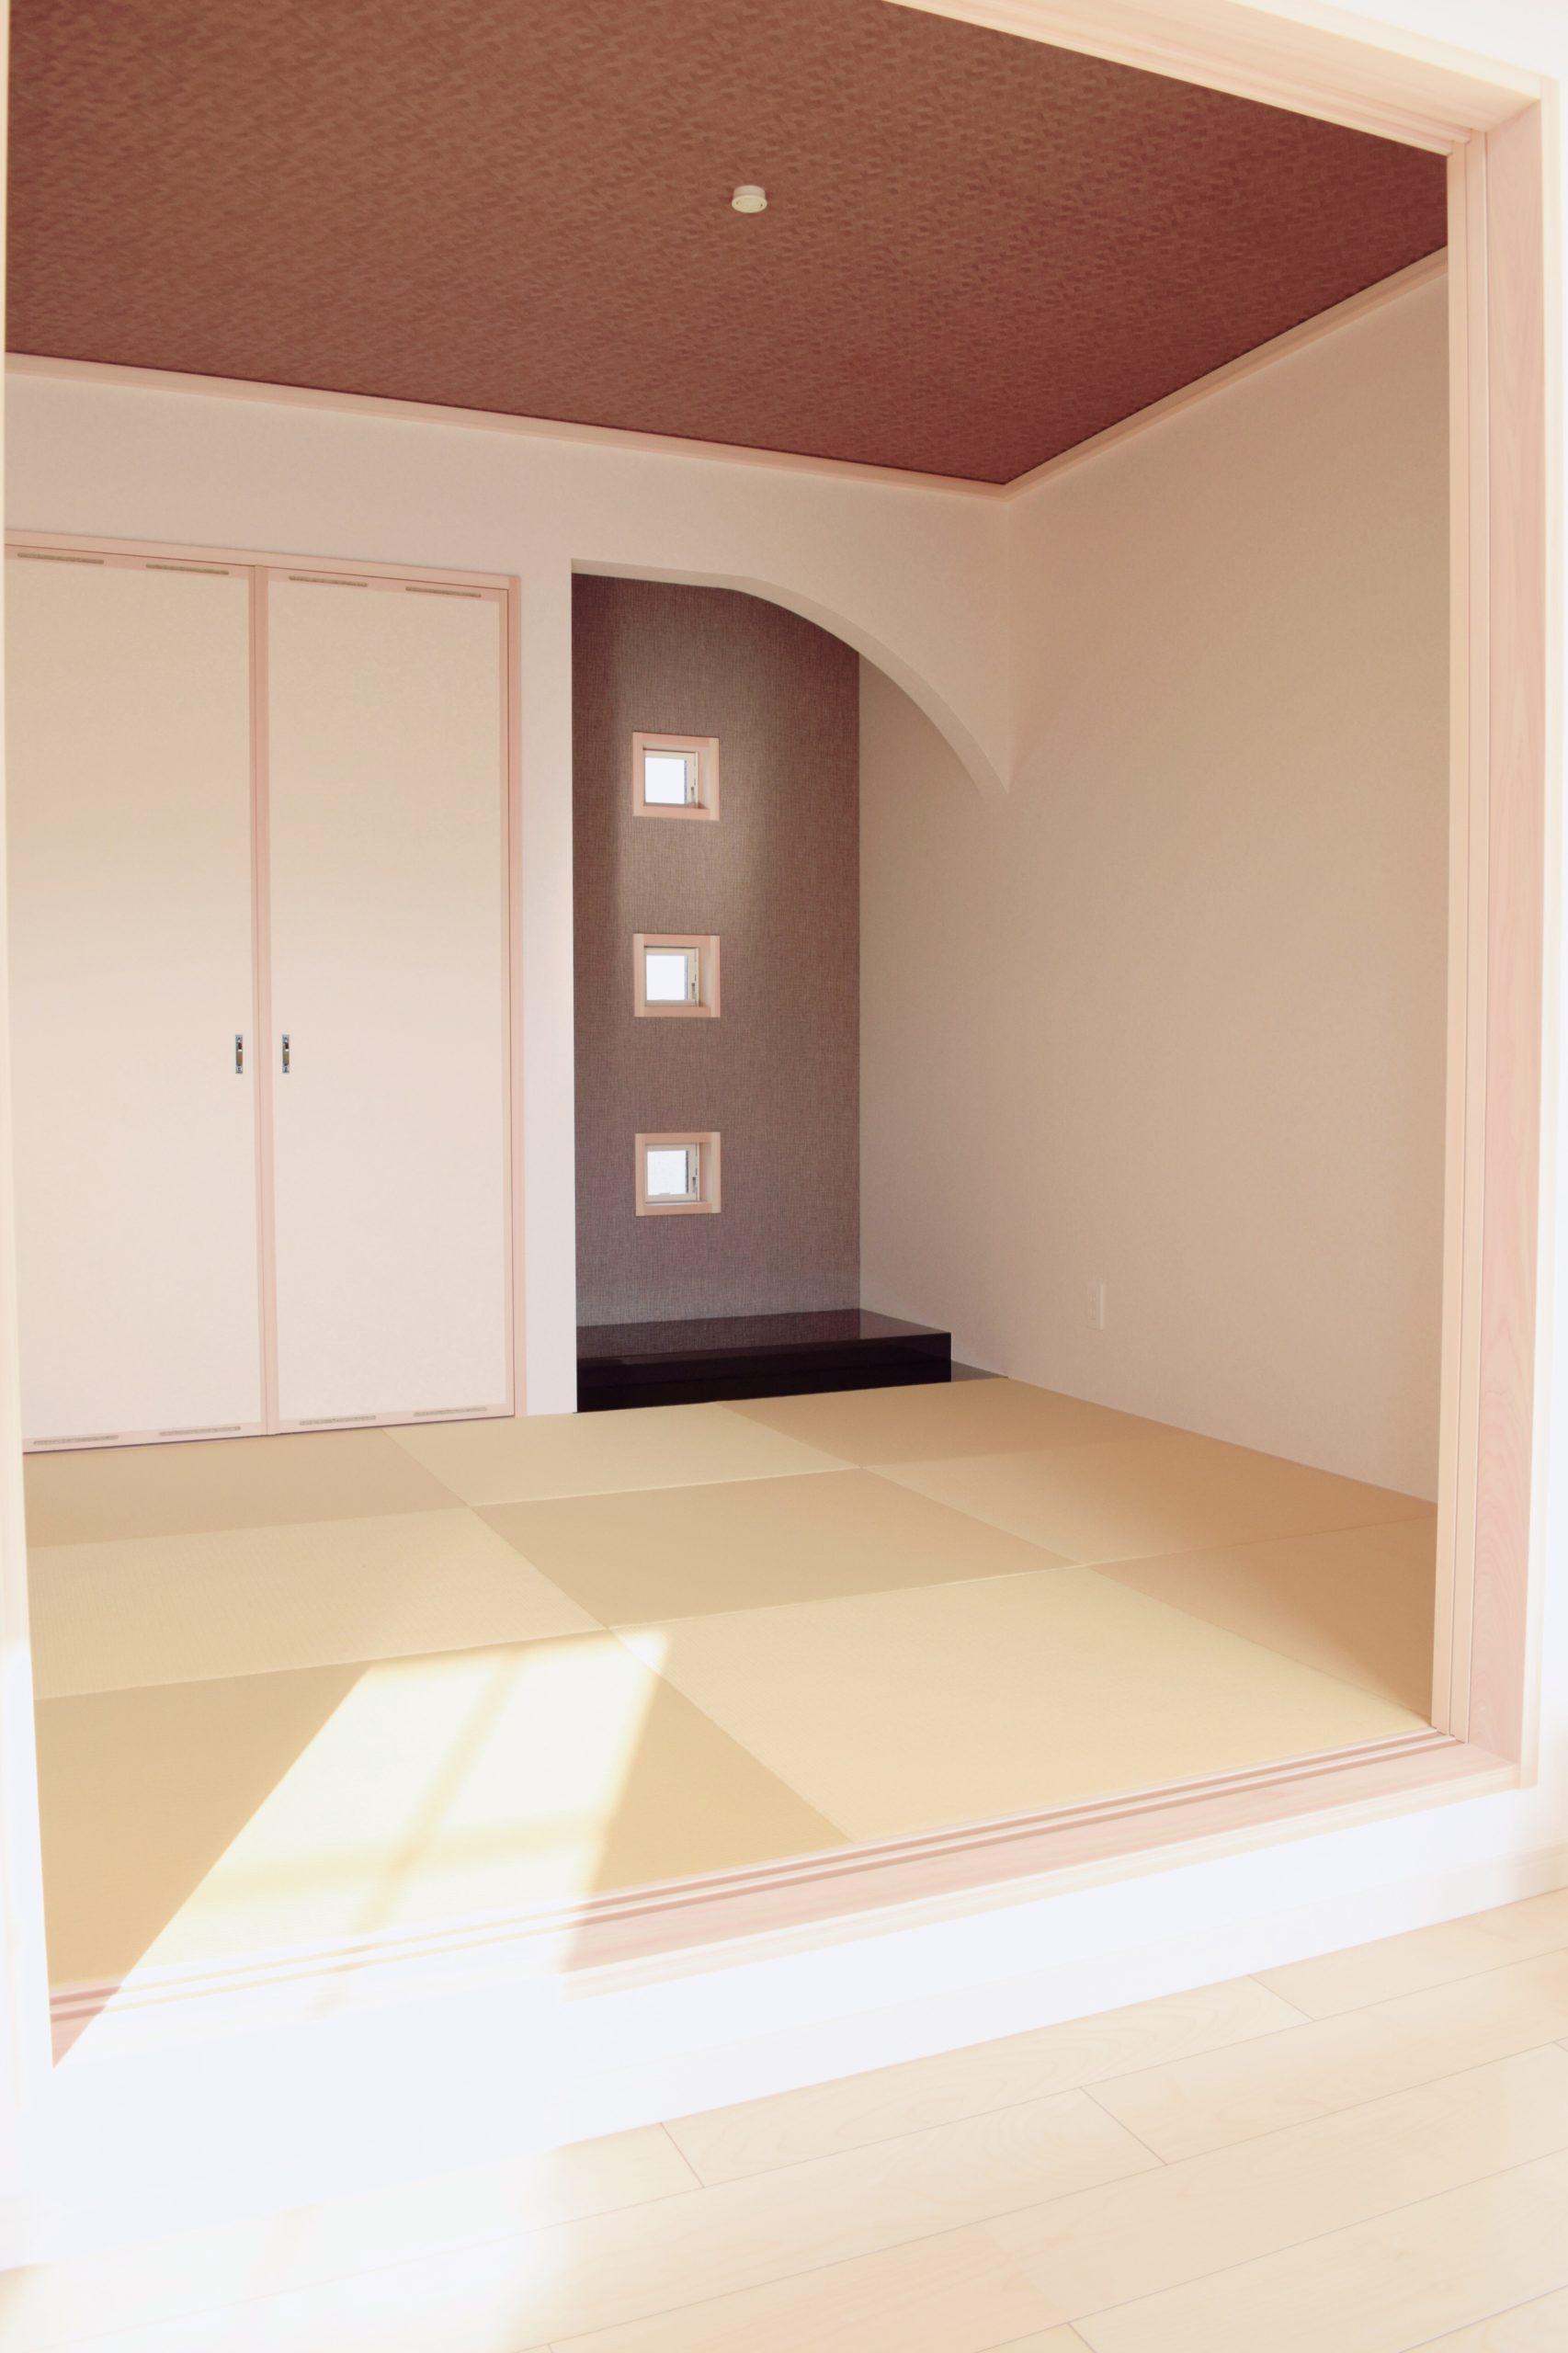 デザイン性のある床の間